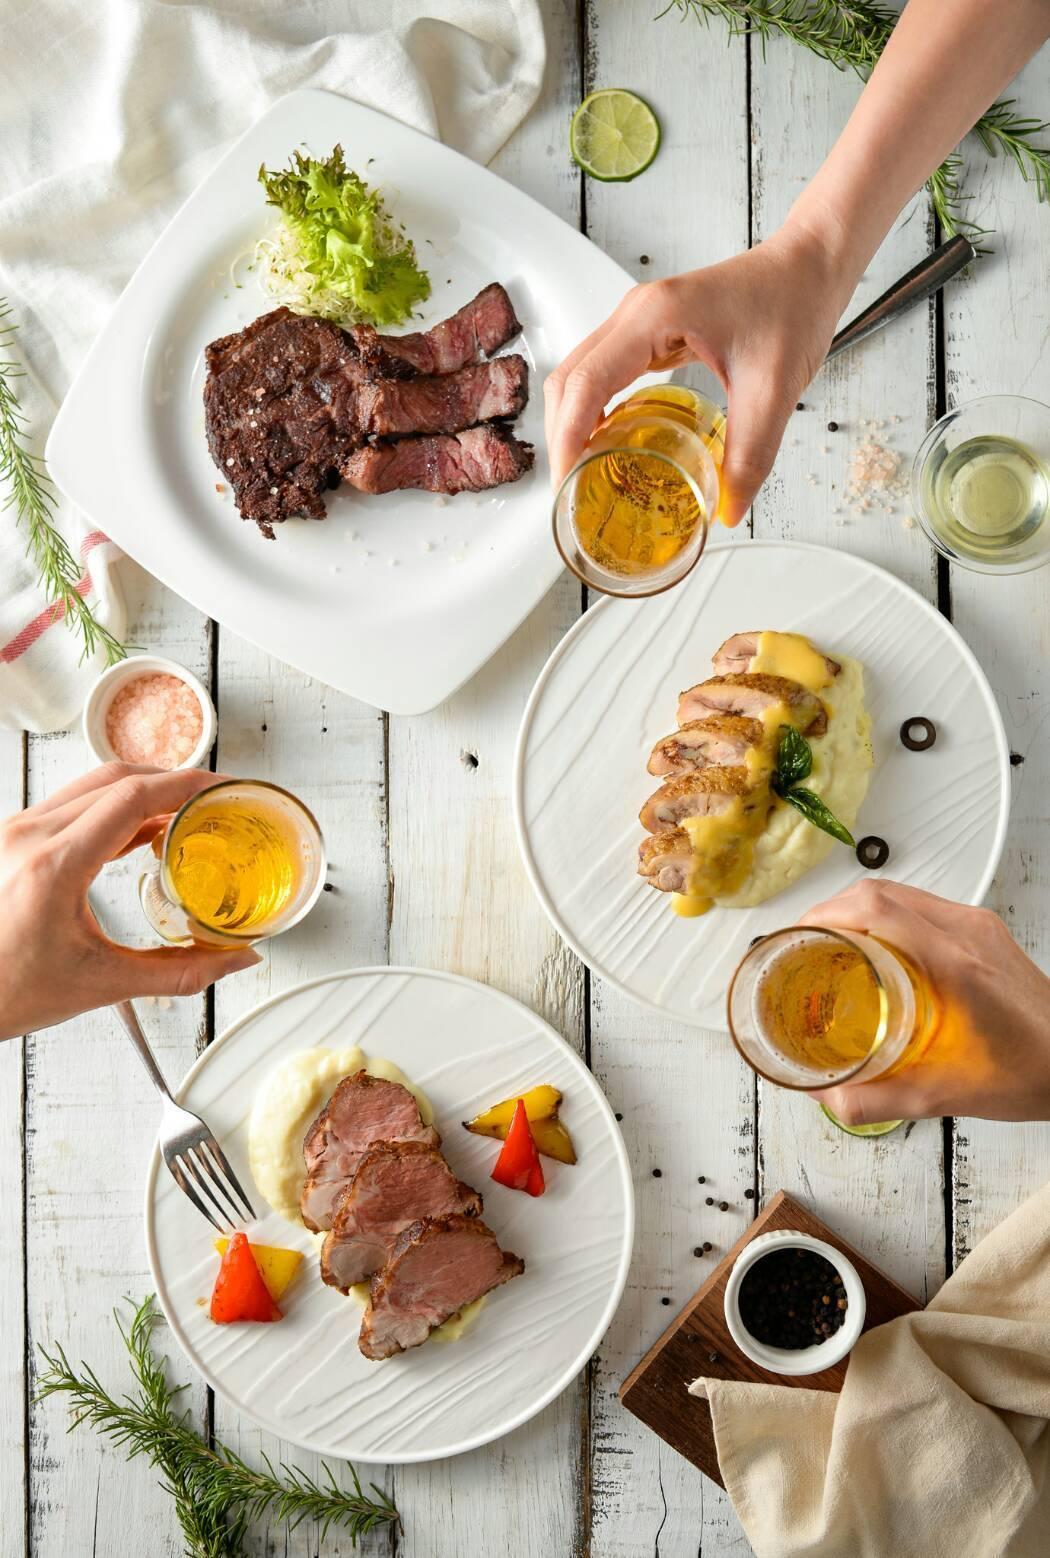 高雄國賓飯店i River愛河牛排海鮮自助餐廳7月期間祭出超商銷售前3名進口啤酒...